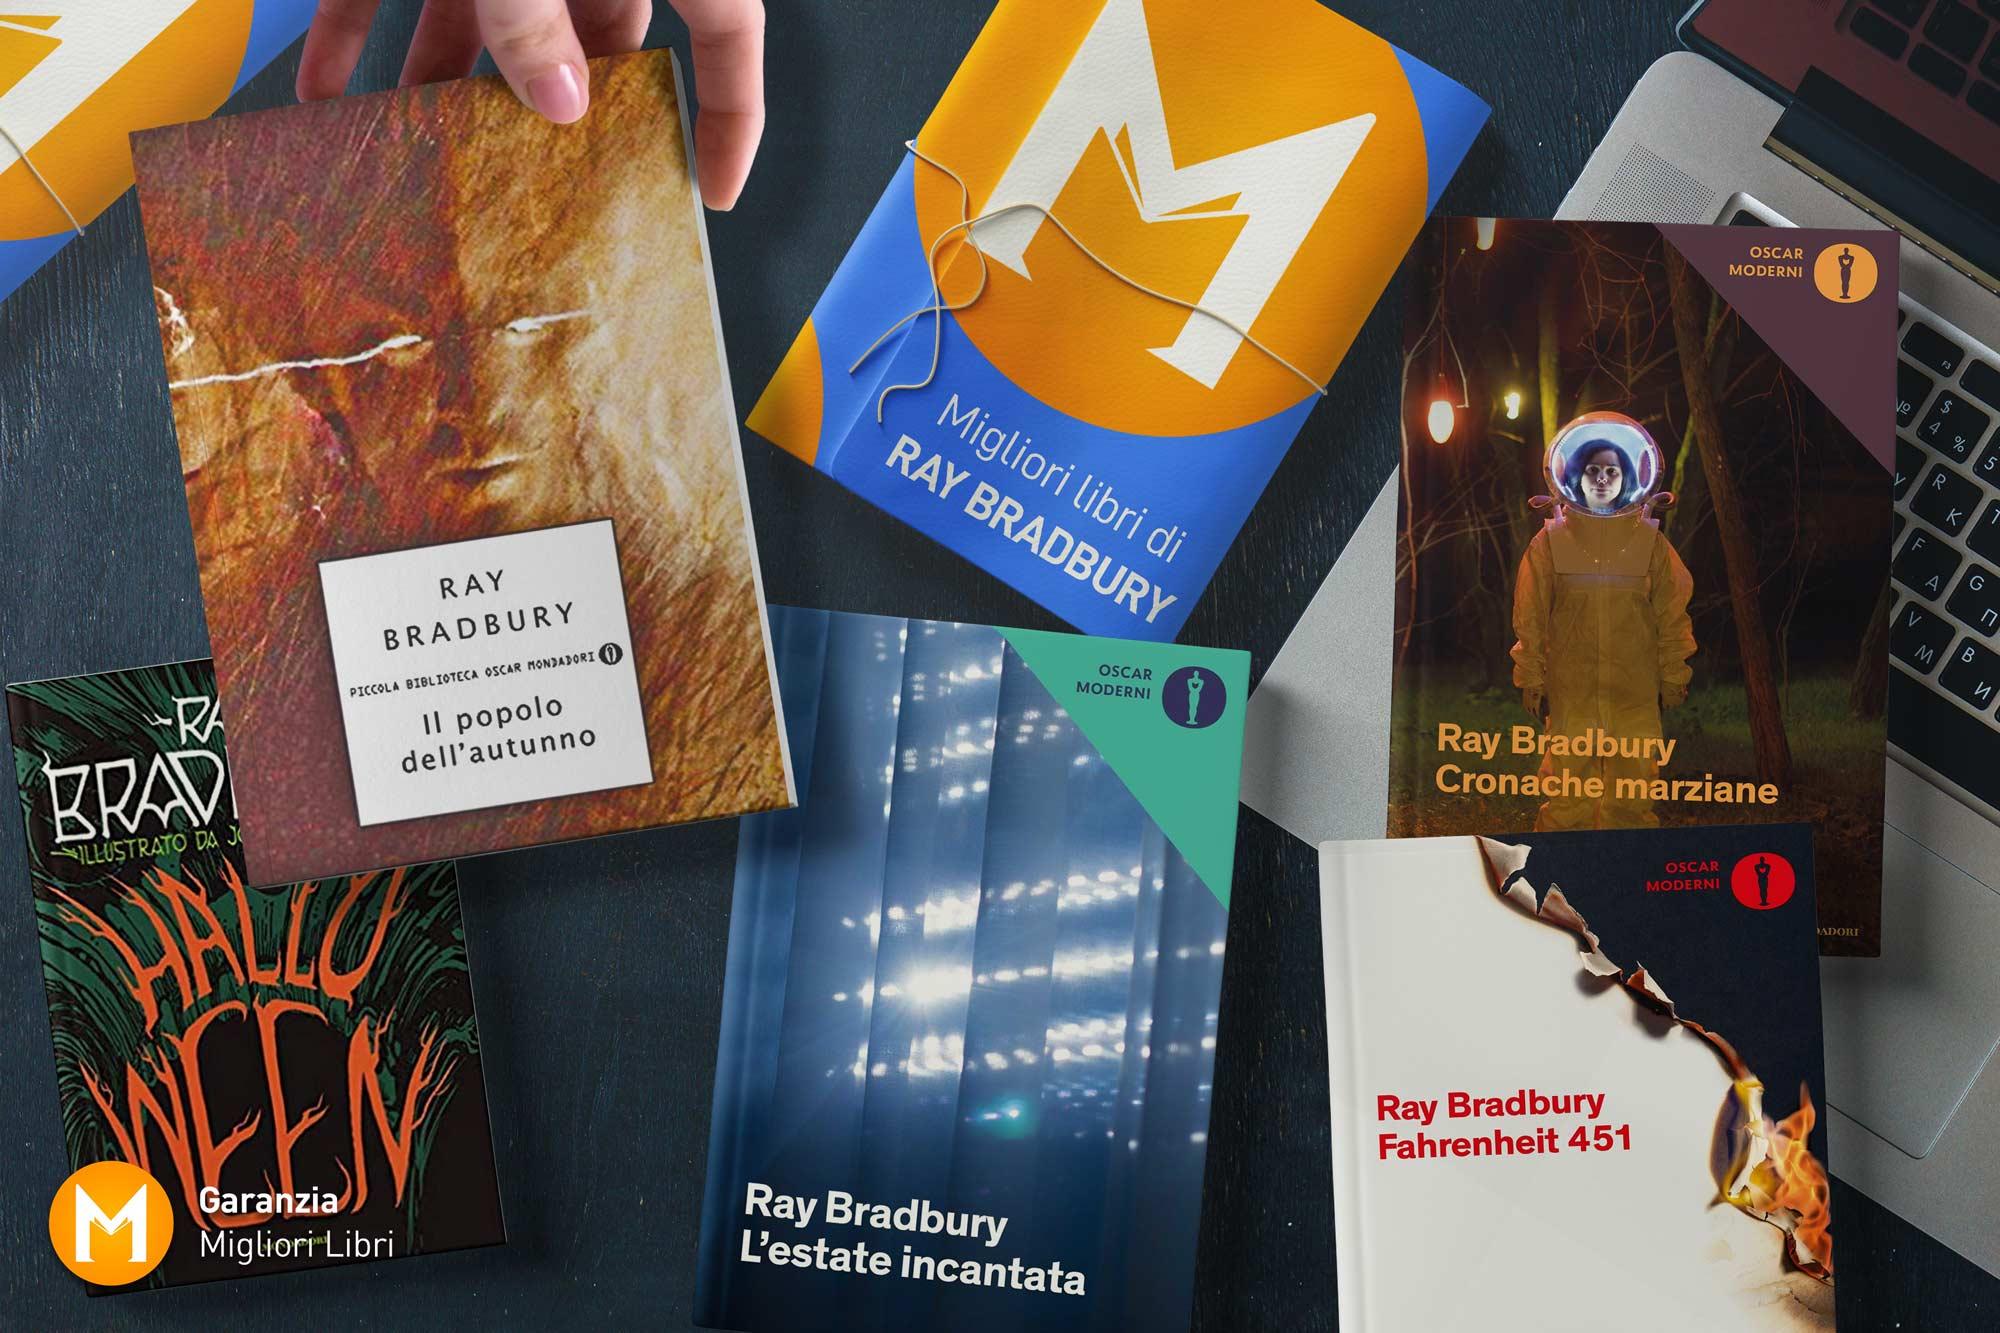 migliori libri ray bradbury da leggere